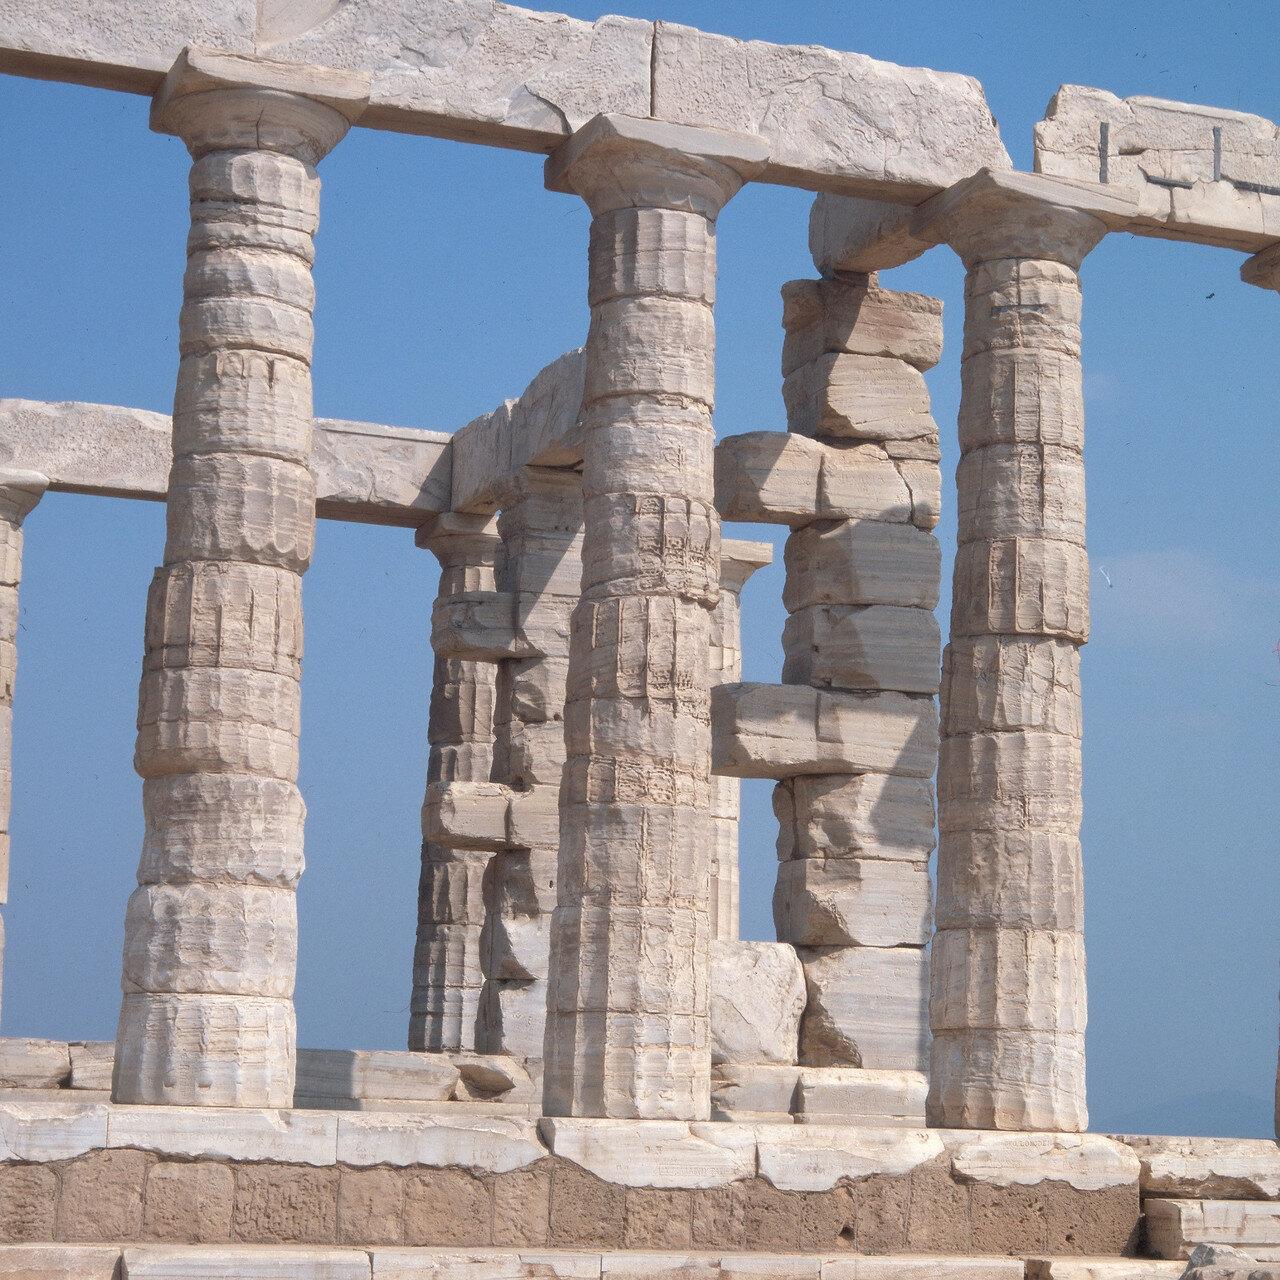 Храм Посейдона. Мраморные колонны